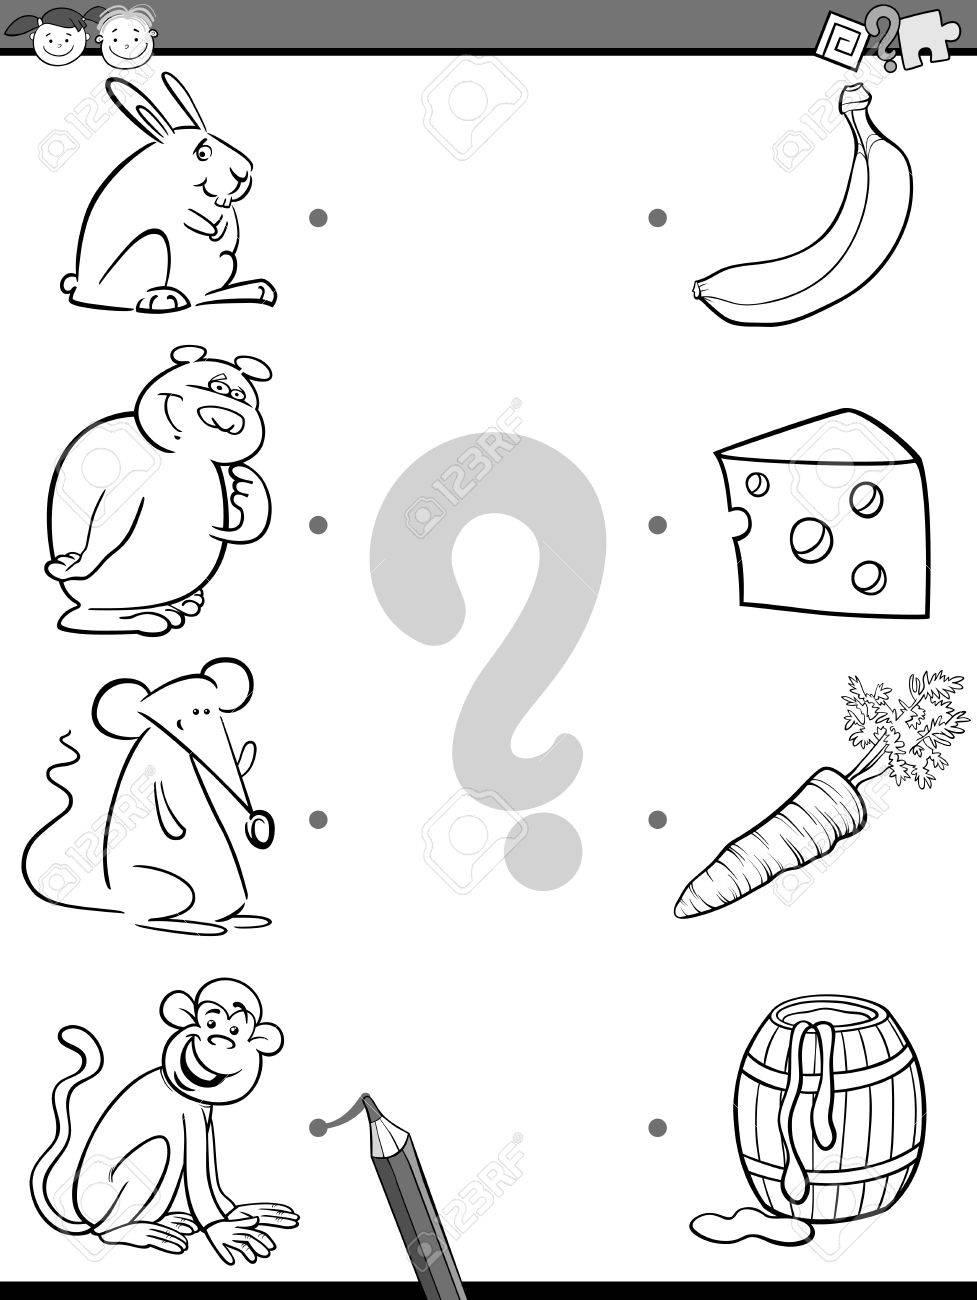 ブラックホワイト漫画イラストの教育画像マッチング作業動物と幼稚園児